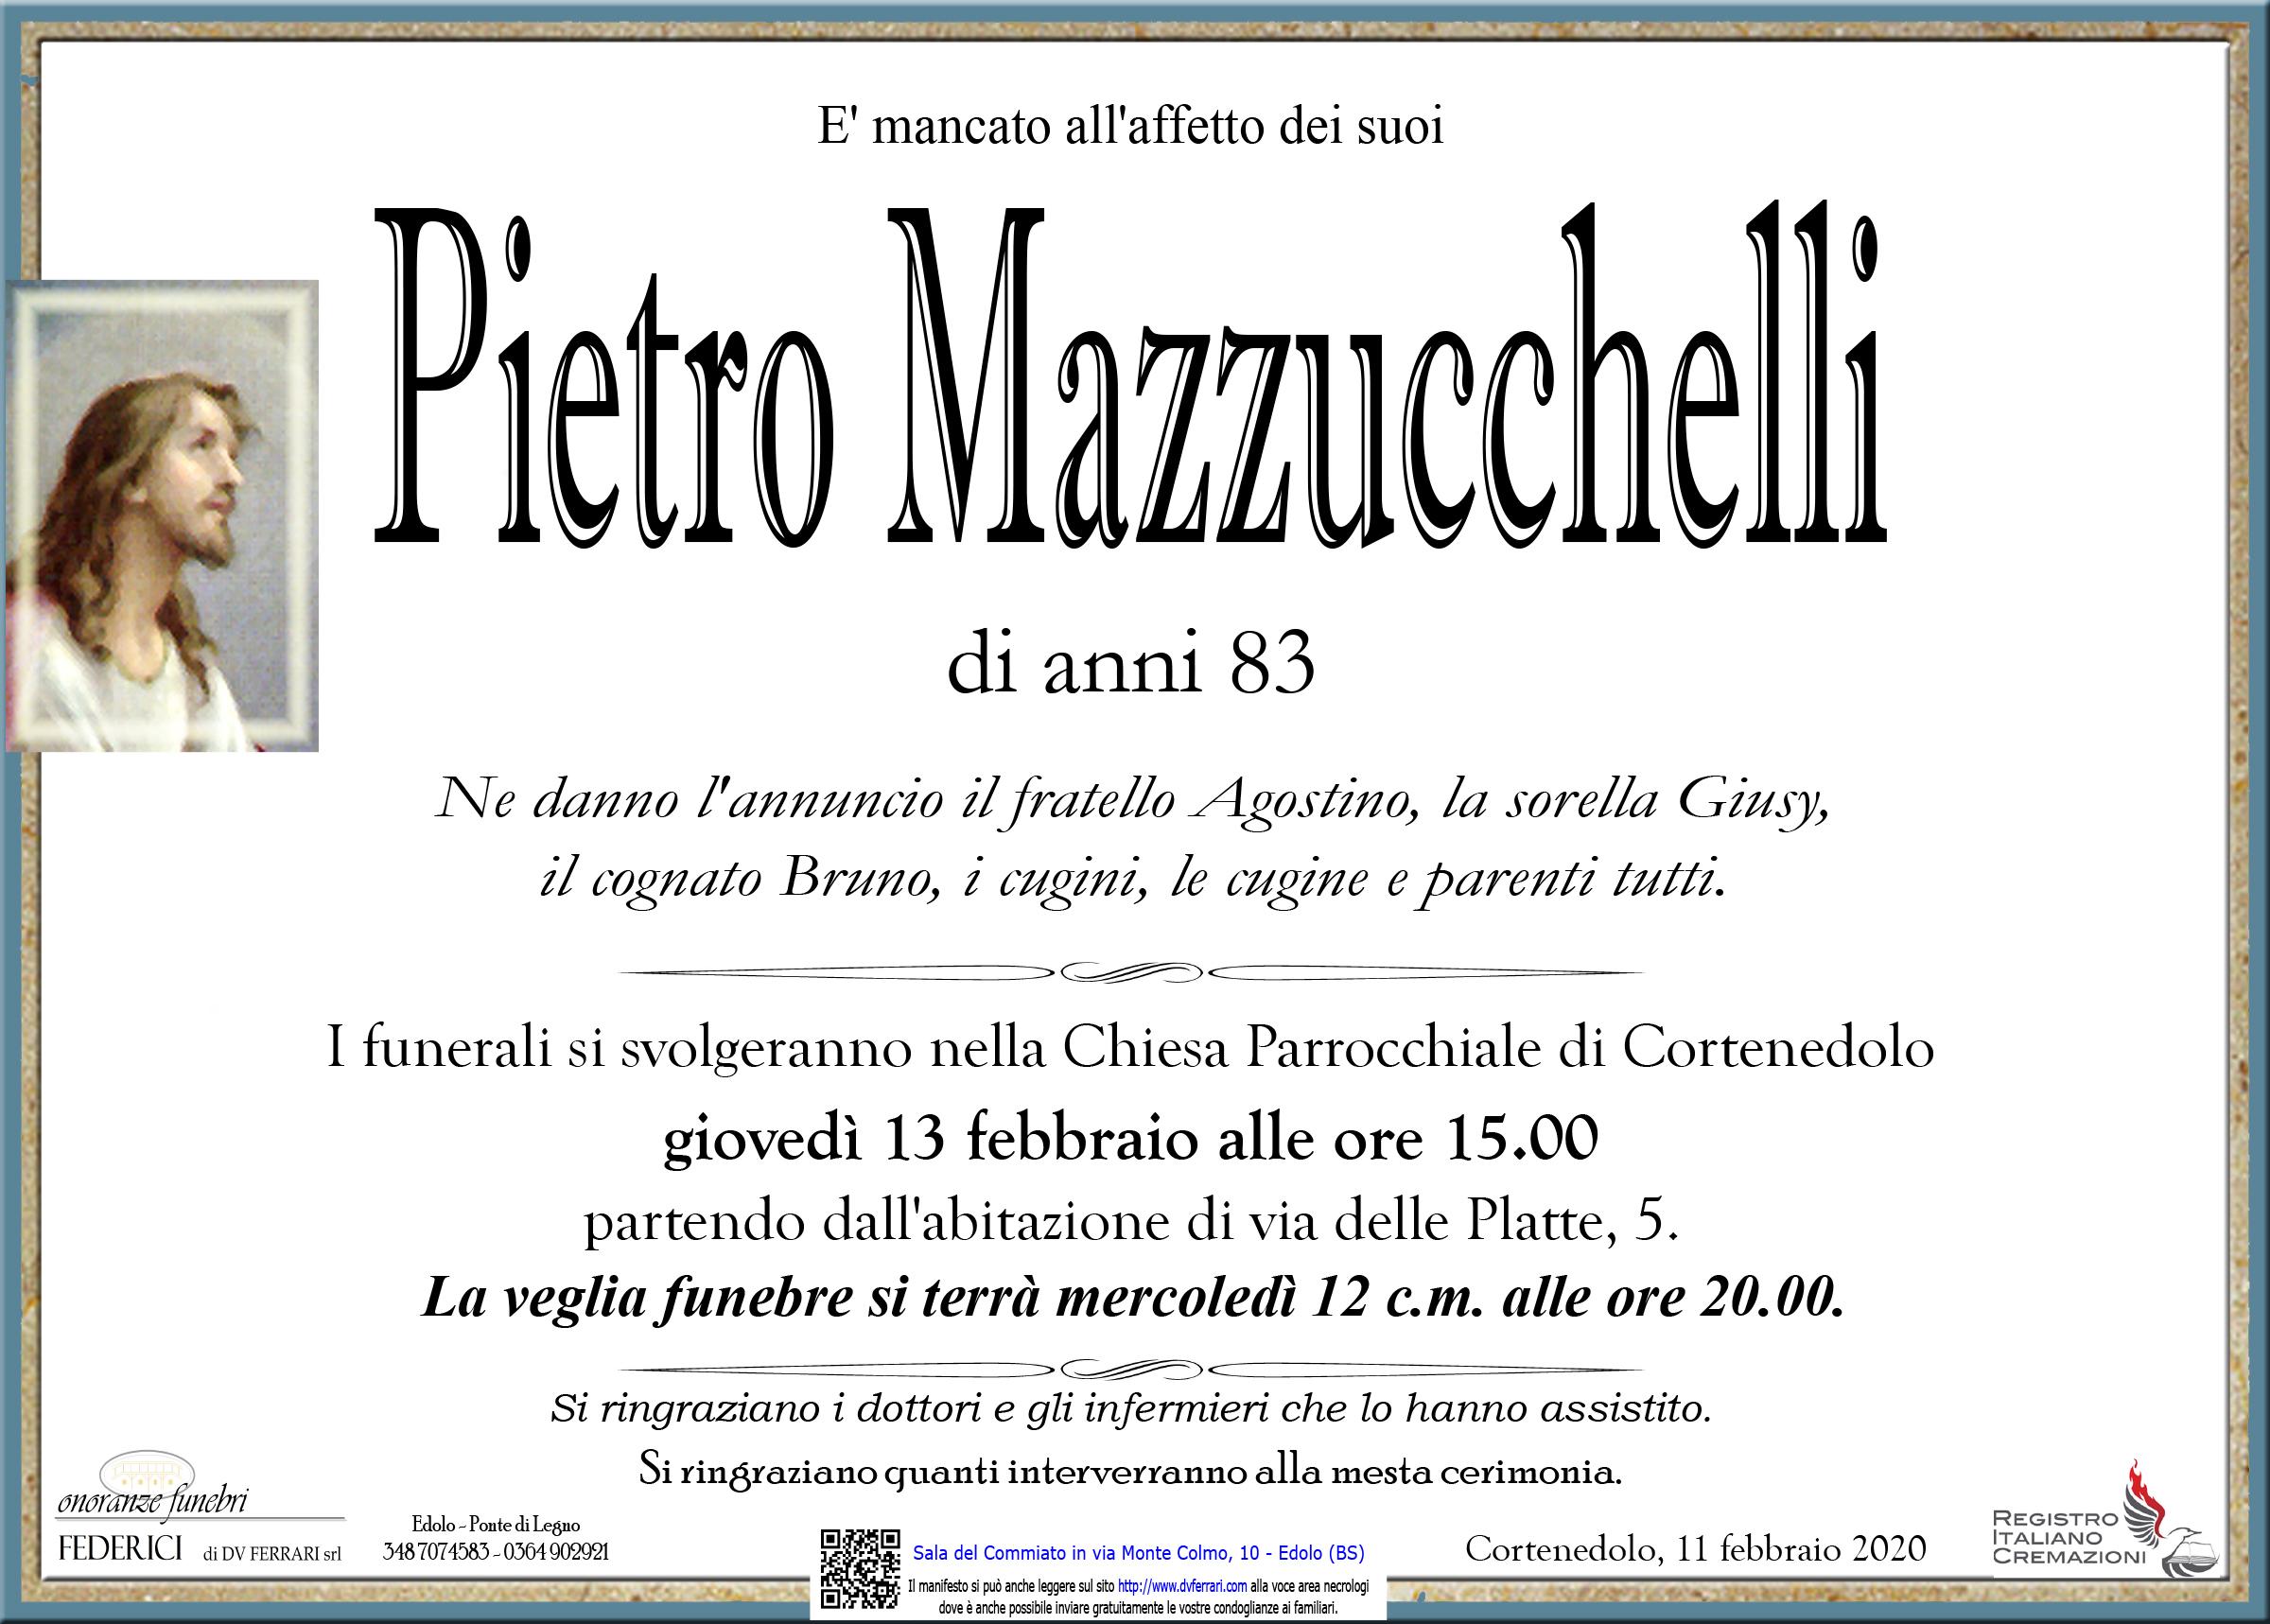 PIETRO MAZZUCCHELLI - CORTENEDOLO